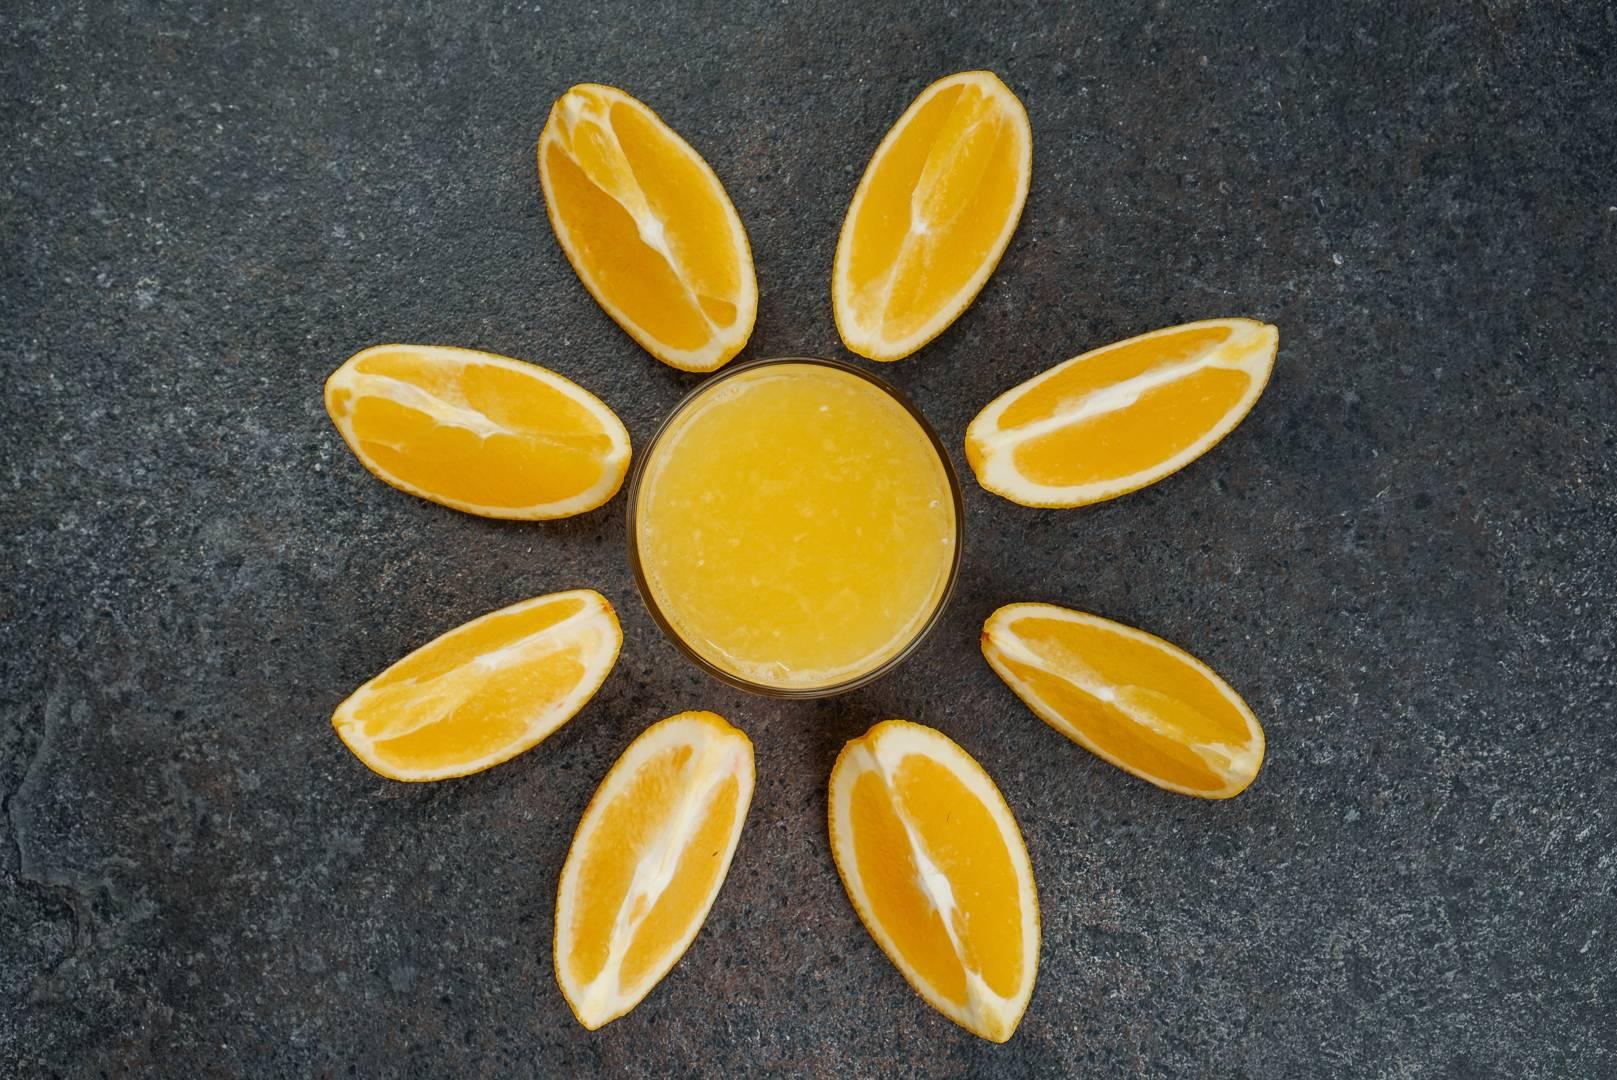 Свежевыжатый яблочный сок. польза и вред, калорийность на 100 мл, бжу. как хранить, правильно пить, готовить